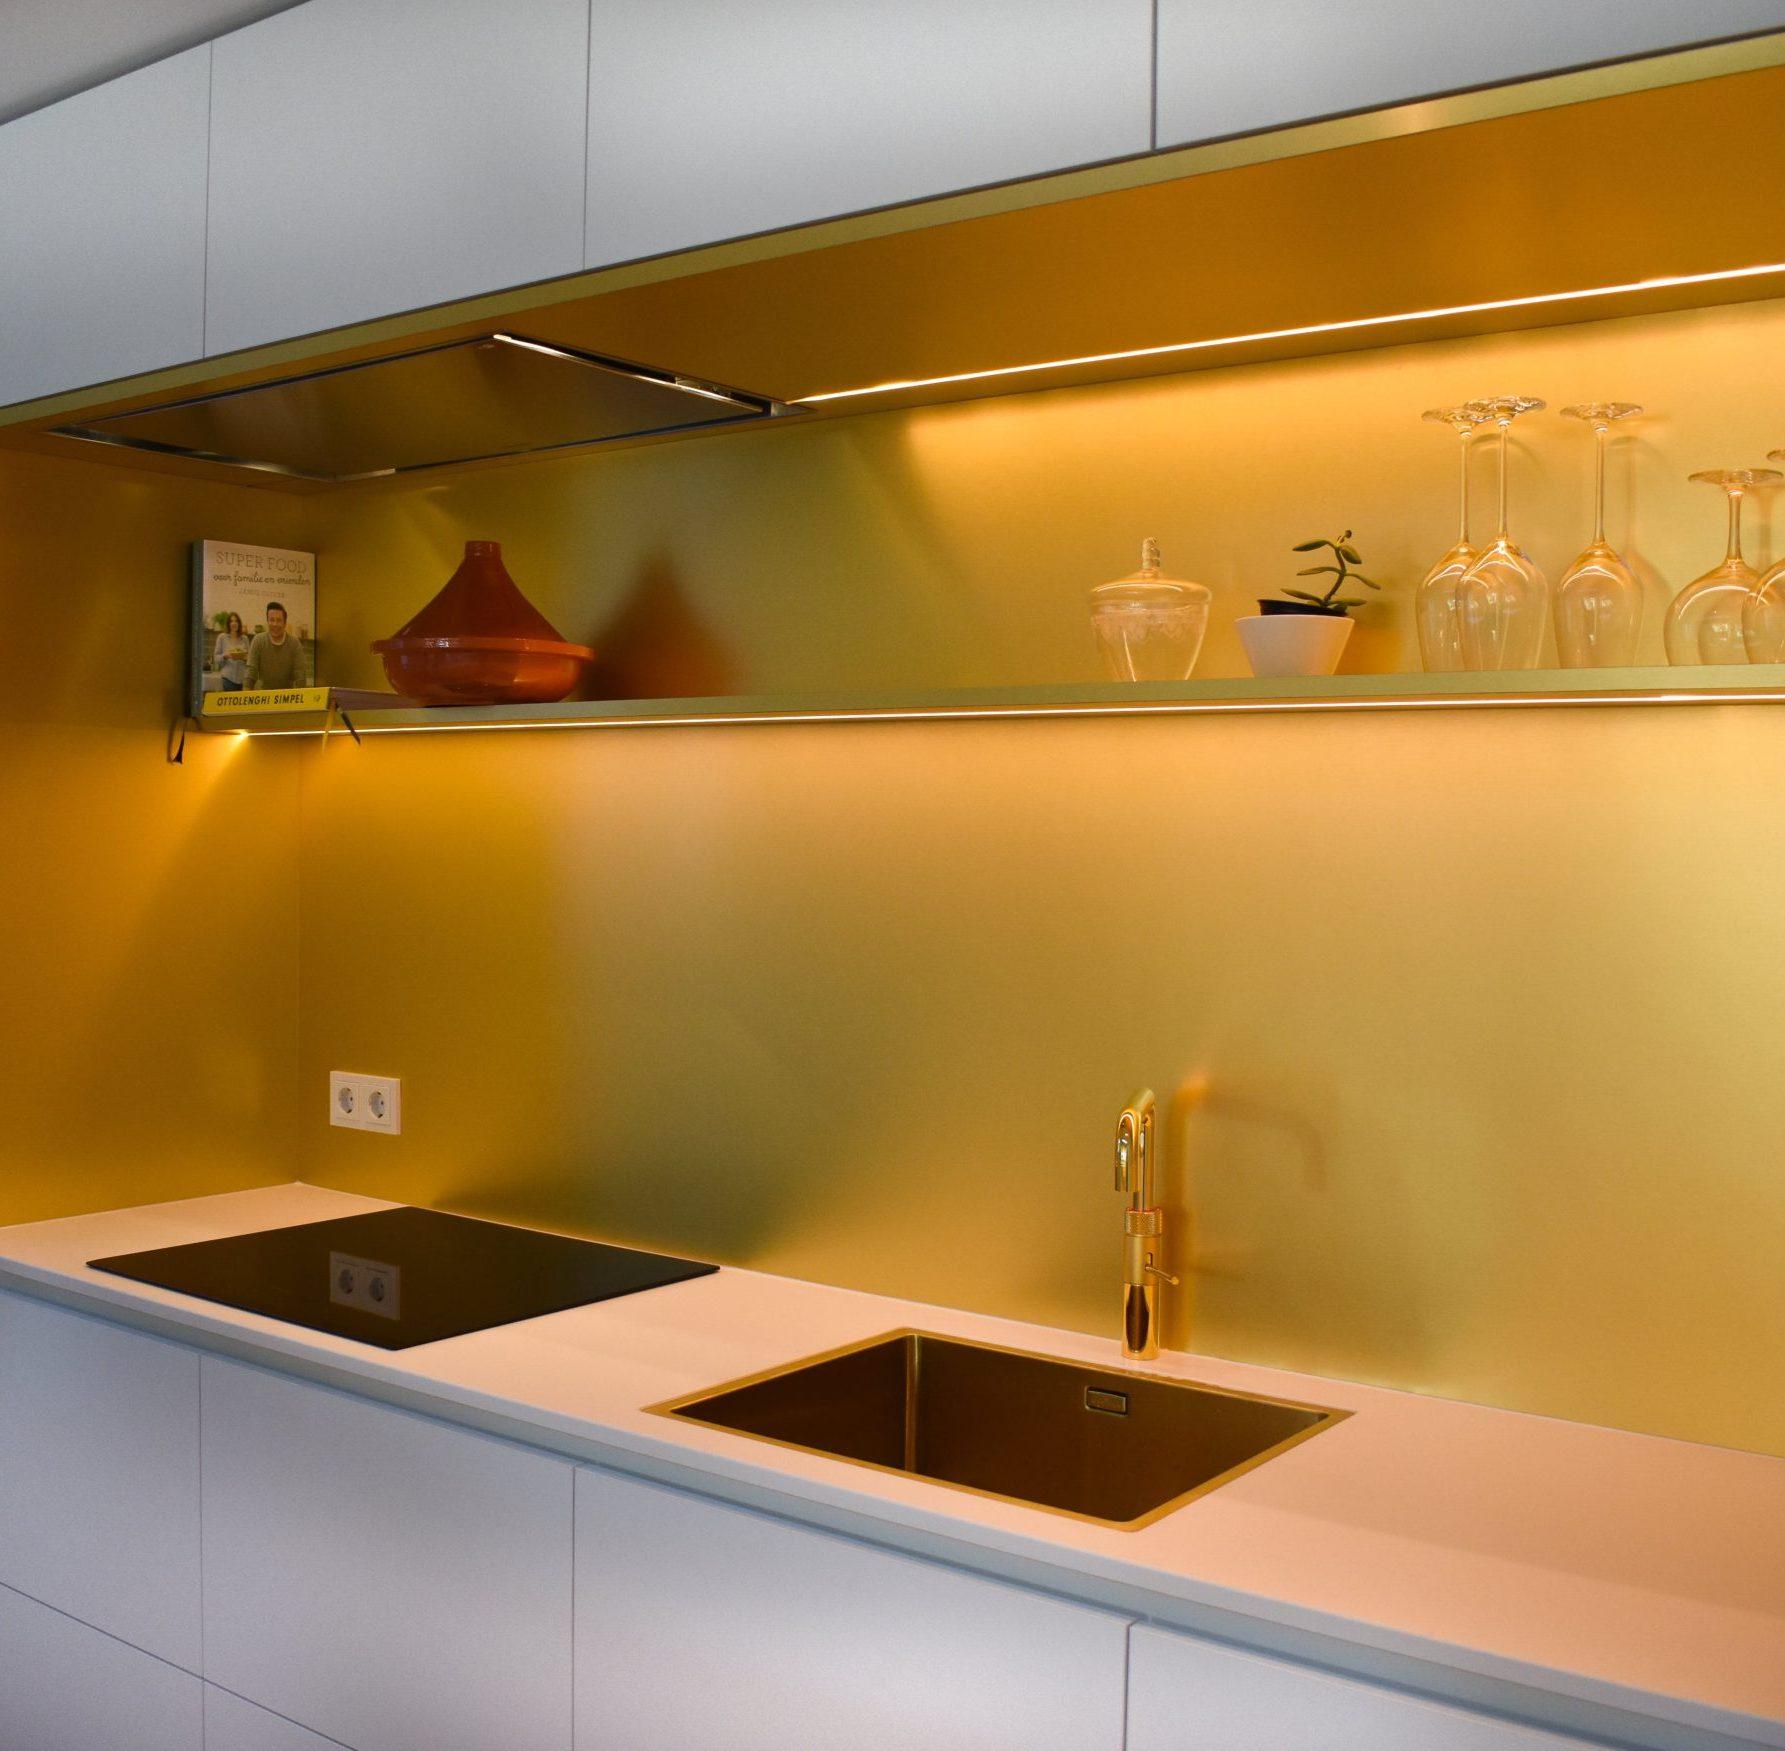 Keuken2-2-min